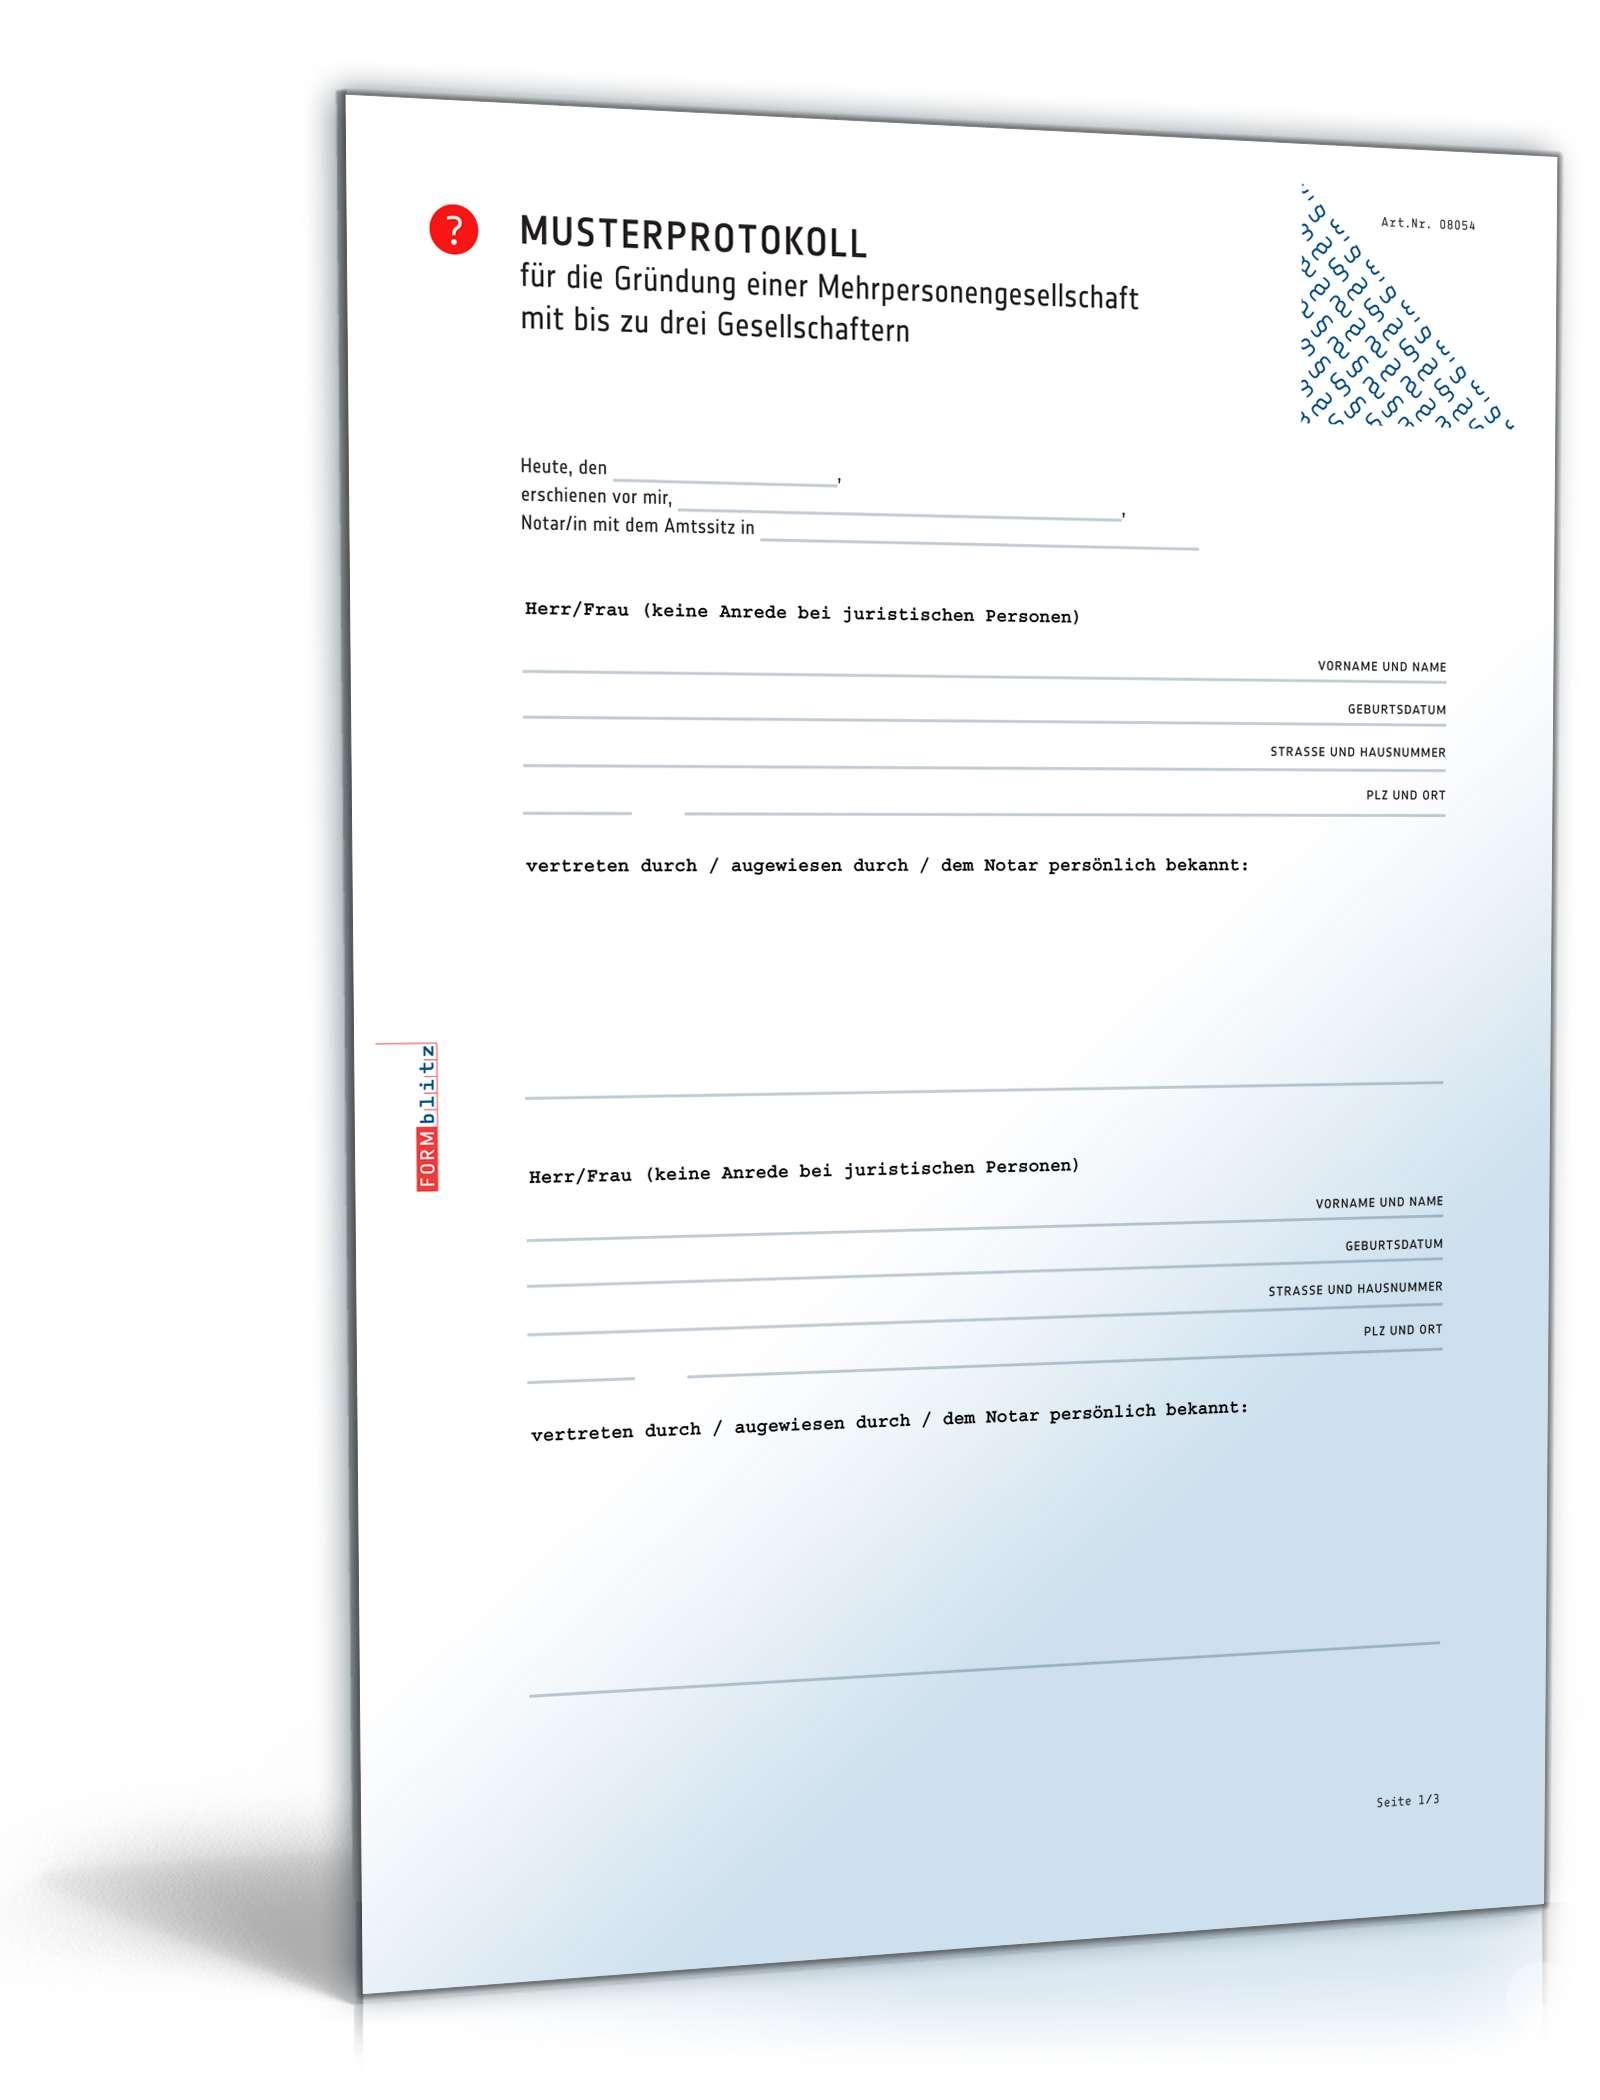 Musterprotokoll Mehrpersonengesellschaft Vorlage Zum Download